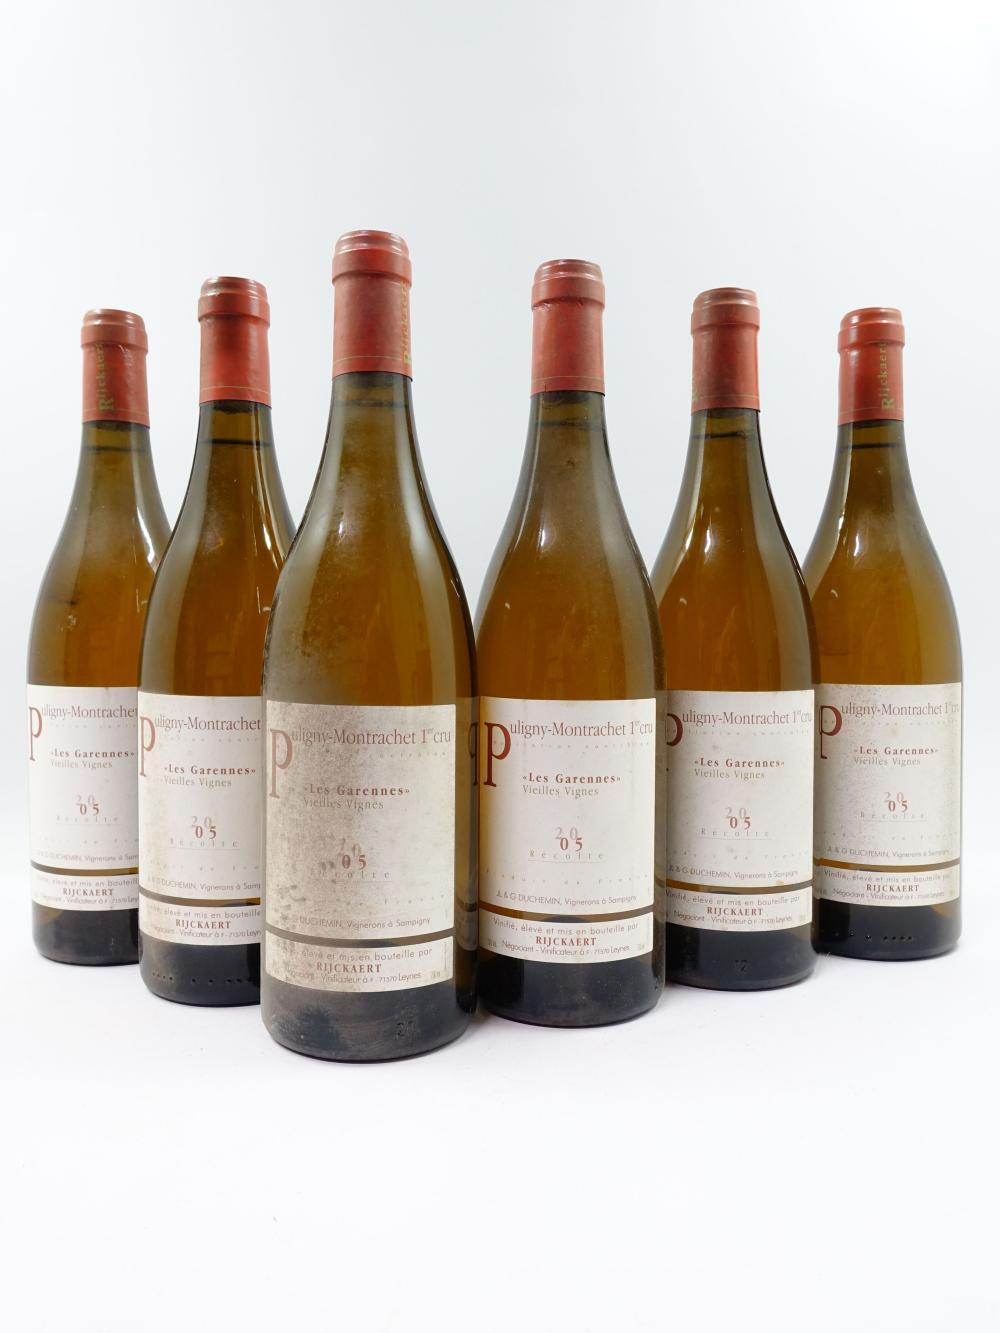 6 bouteilles PULIGNY MONTRACHET 2005 1er cru Les Garennes